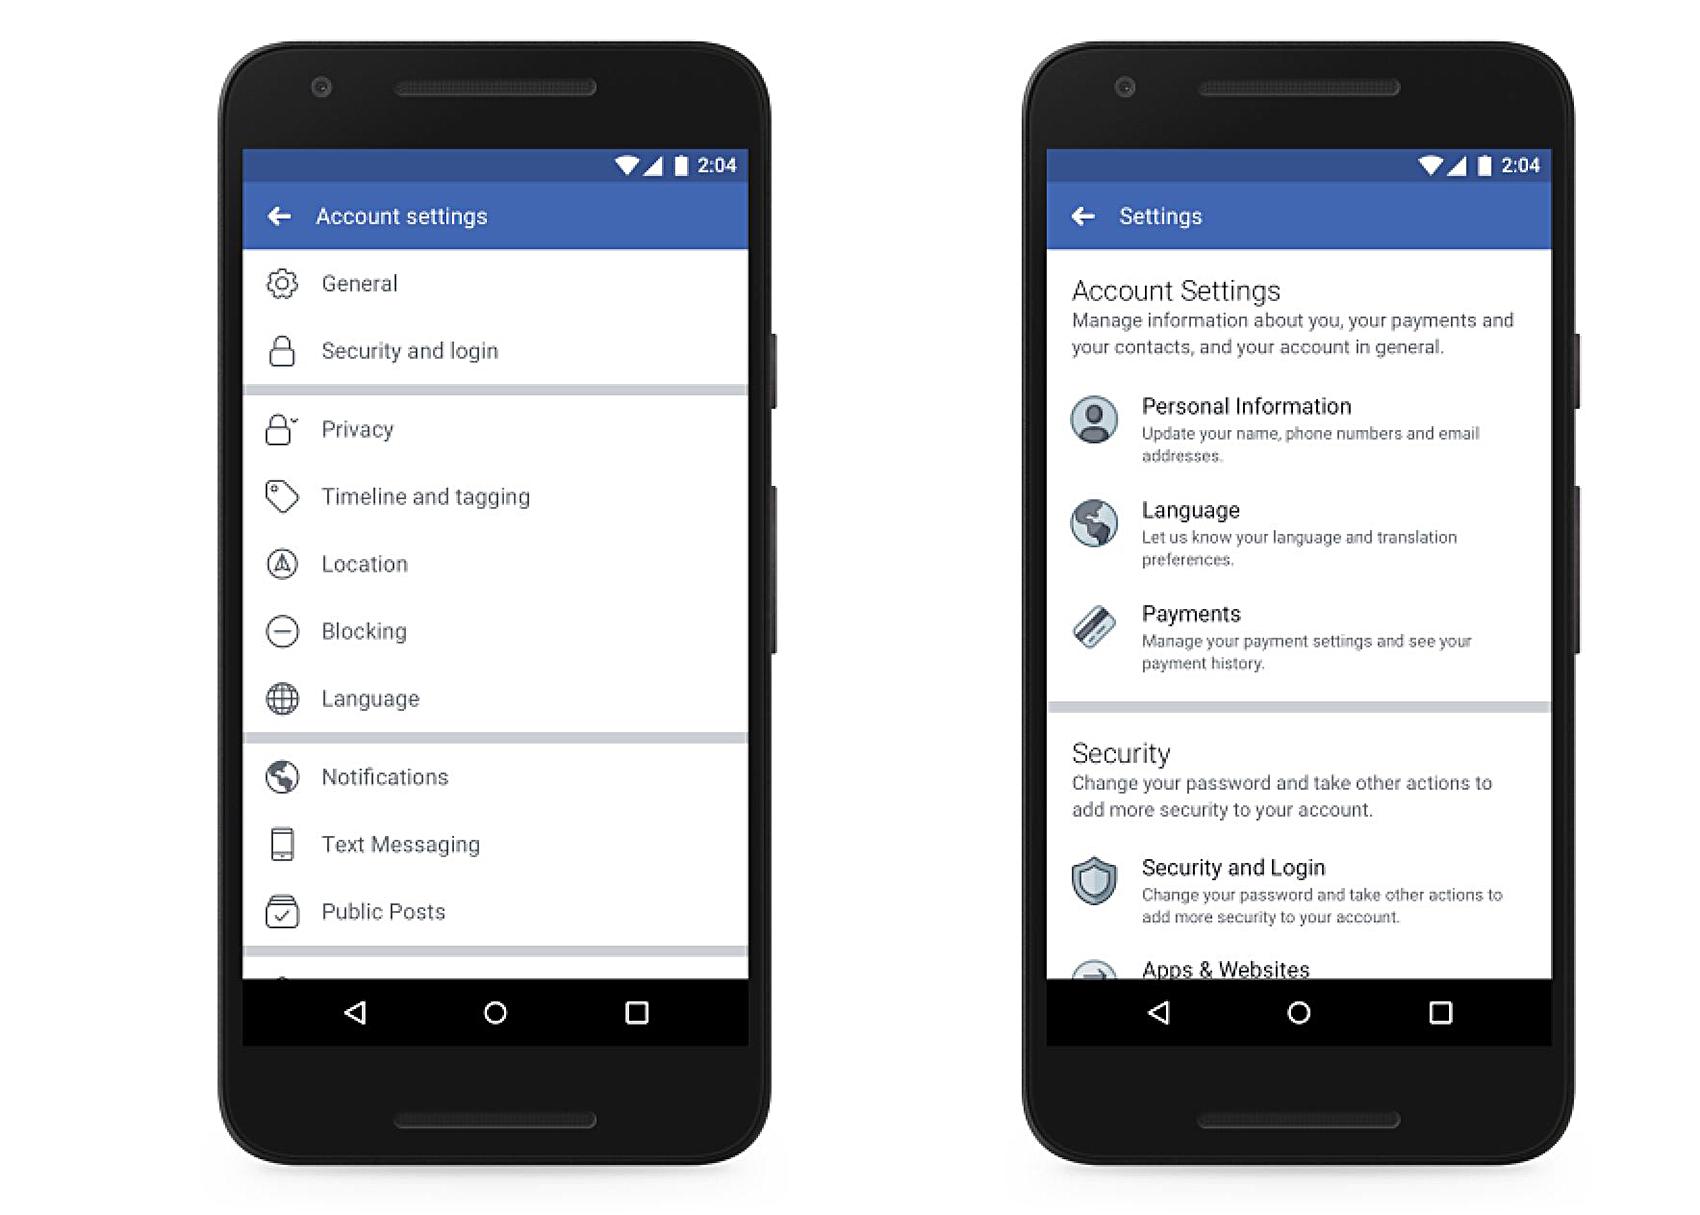 Vie privée : Facebook repense son interface pour plus de confidentialité